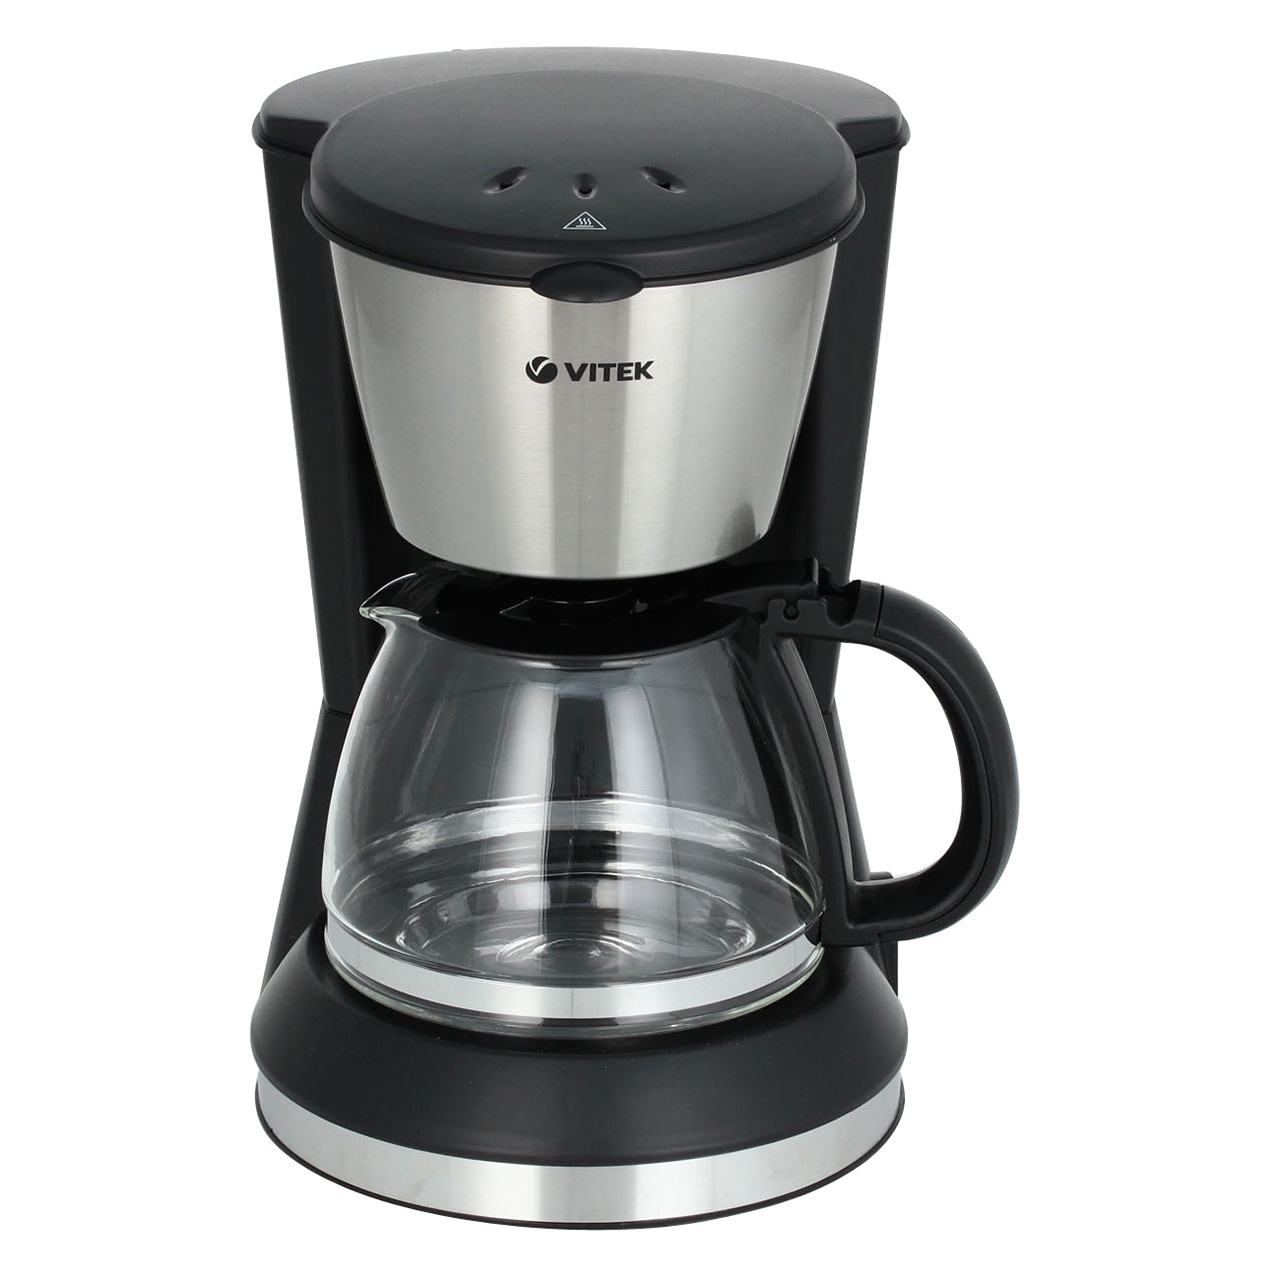 Кофеварка электрическая Vitek VT-1506 BK кофеварка капельного типа de longhi icmi211 bk